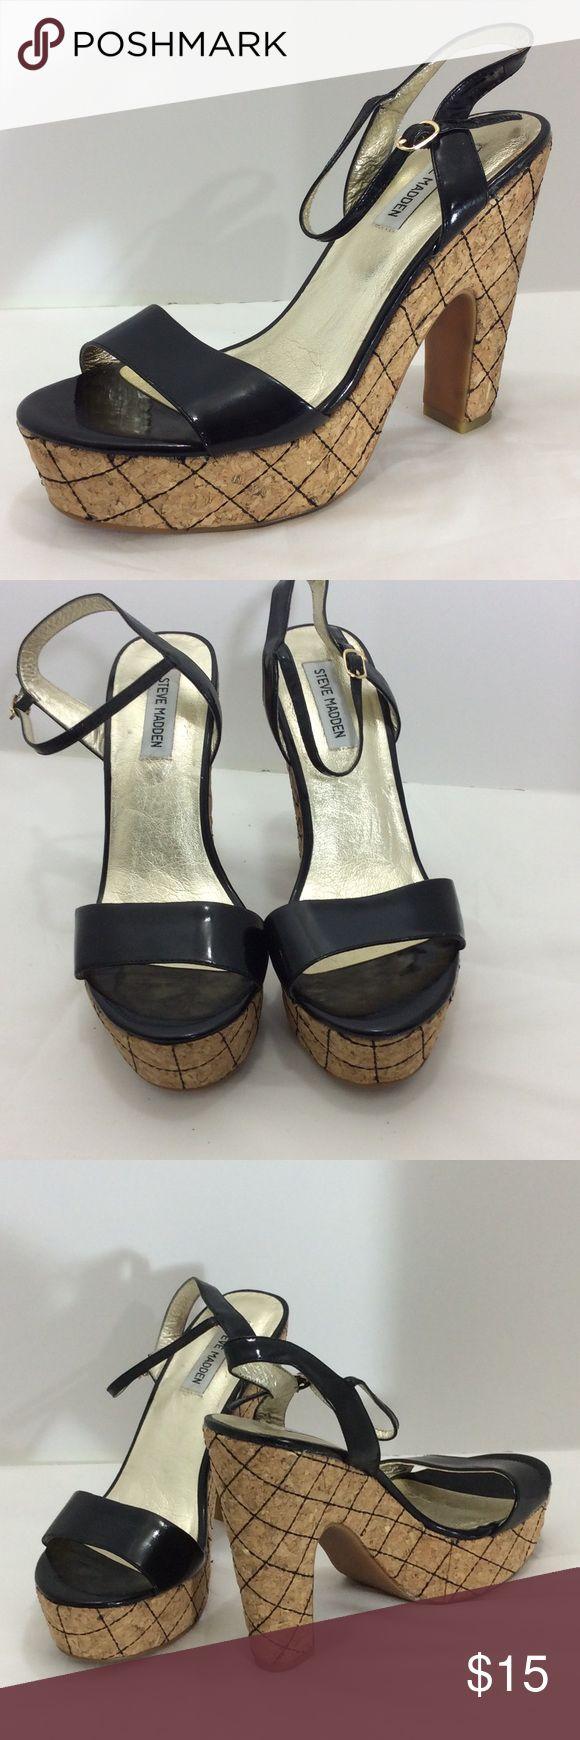 Steve Madden black size 10 shoes Steve Madden black size 10 shoes Steve Madden Shoes Sandals